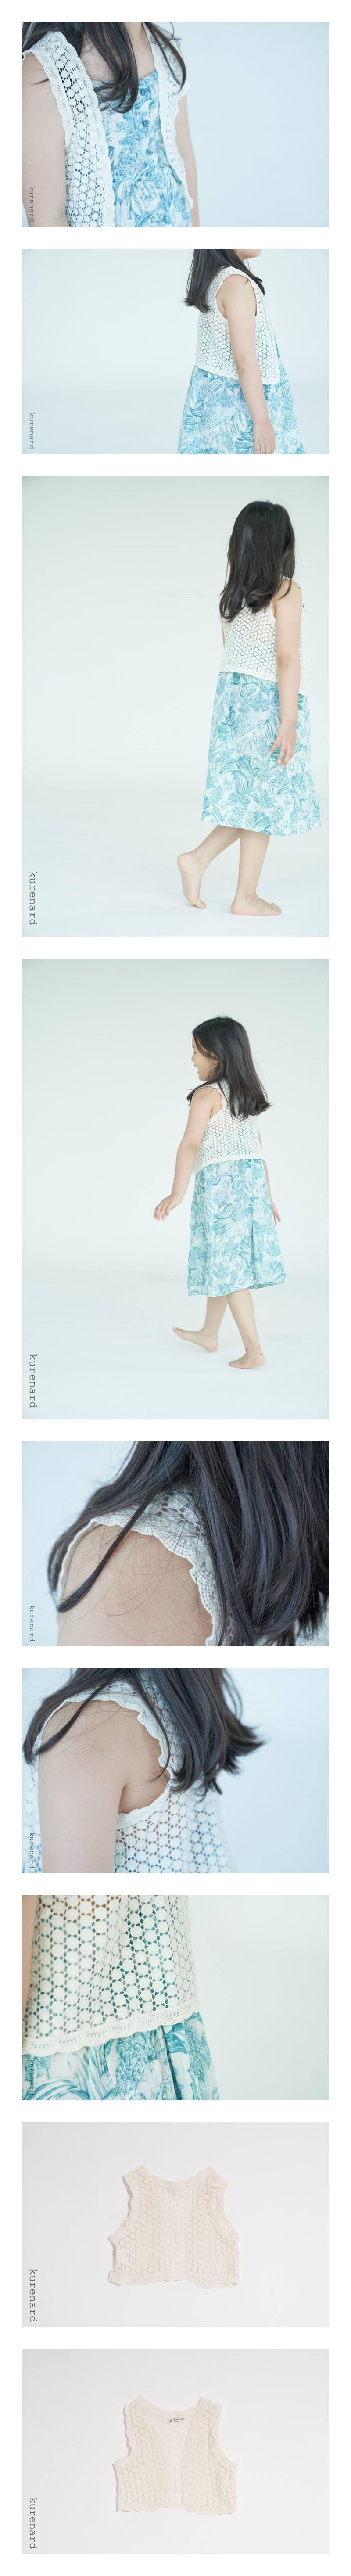 KURENARD - Korean Children Fashion - #Kfashion4kids - Lace Volero